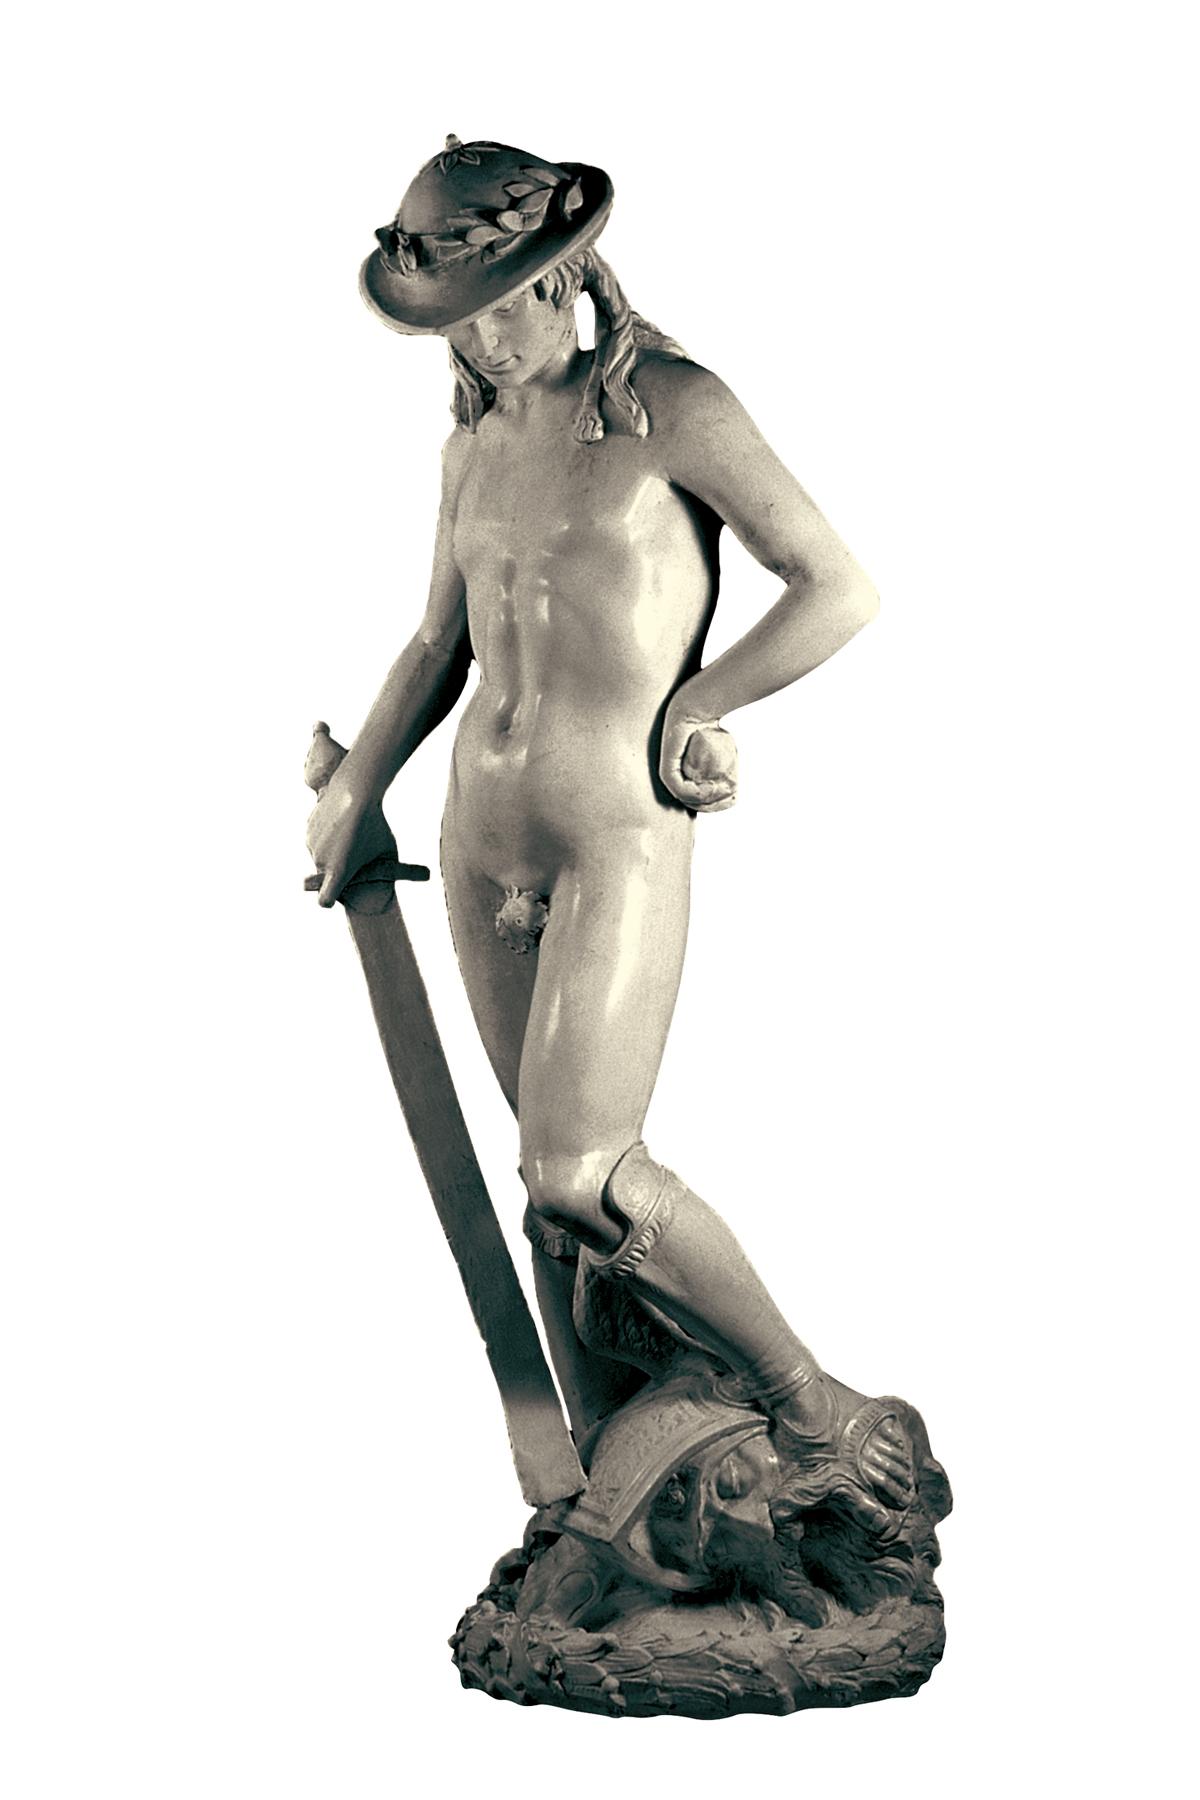 David di Donatello (copia in gesso)